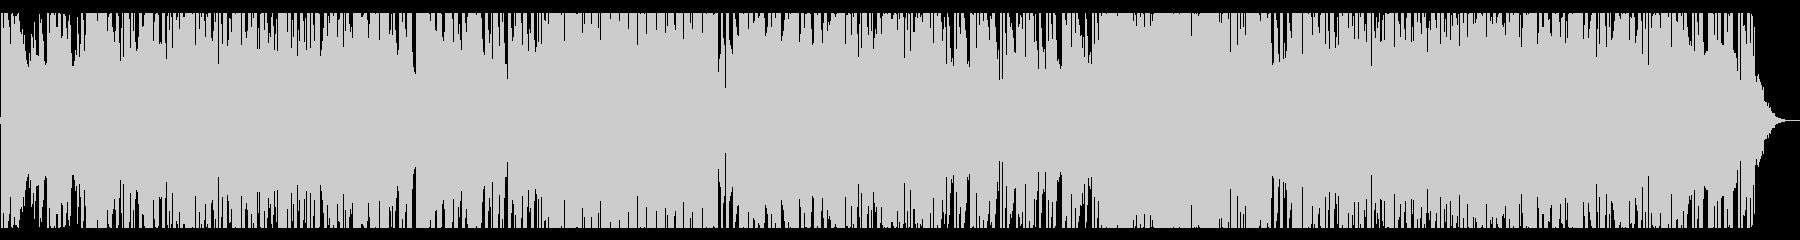 水の中、アンビエントなクリーンギターの未再生の波形